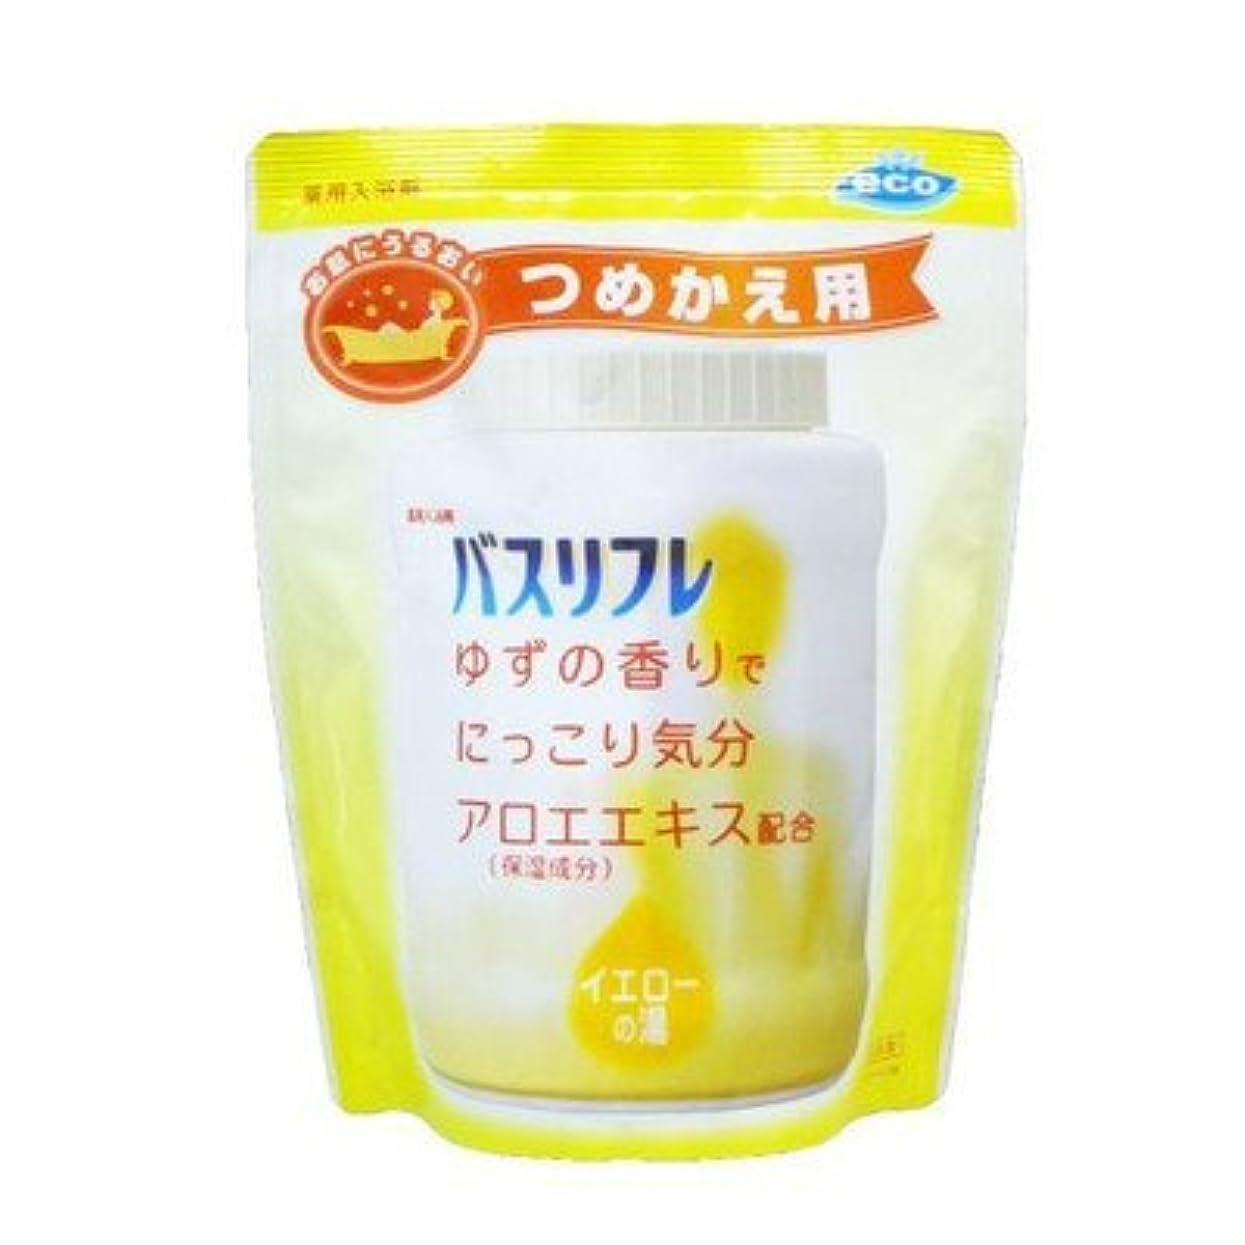 電気頼る音声学薬用入浴剤 バスリフレ イエローの湯 つめかえ用 540g ゆずの香り (ライオンケミカル) Japan